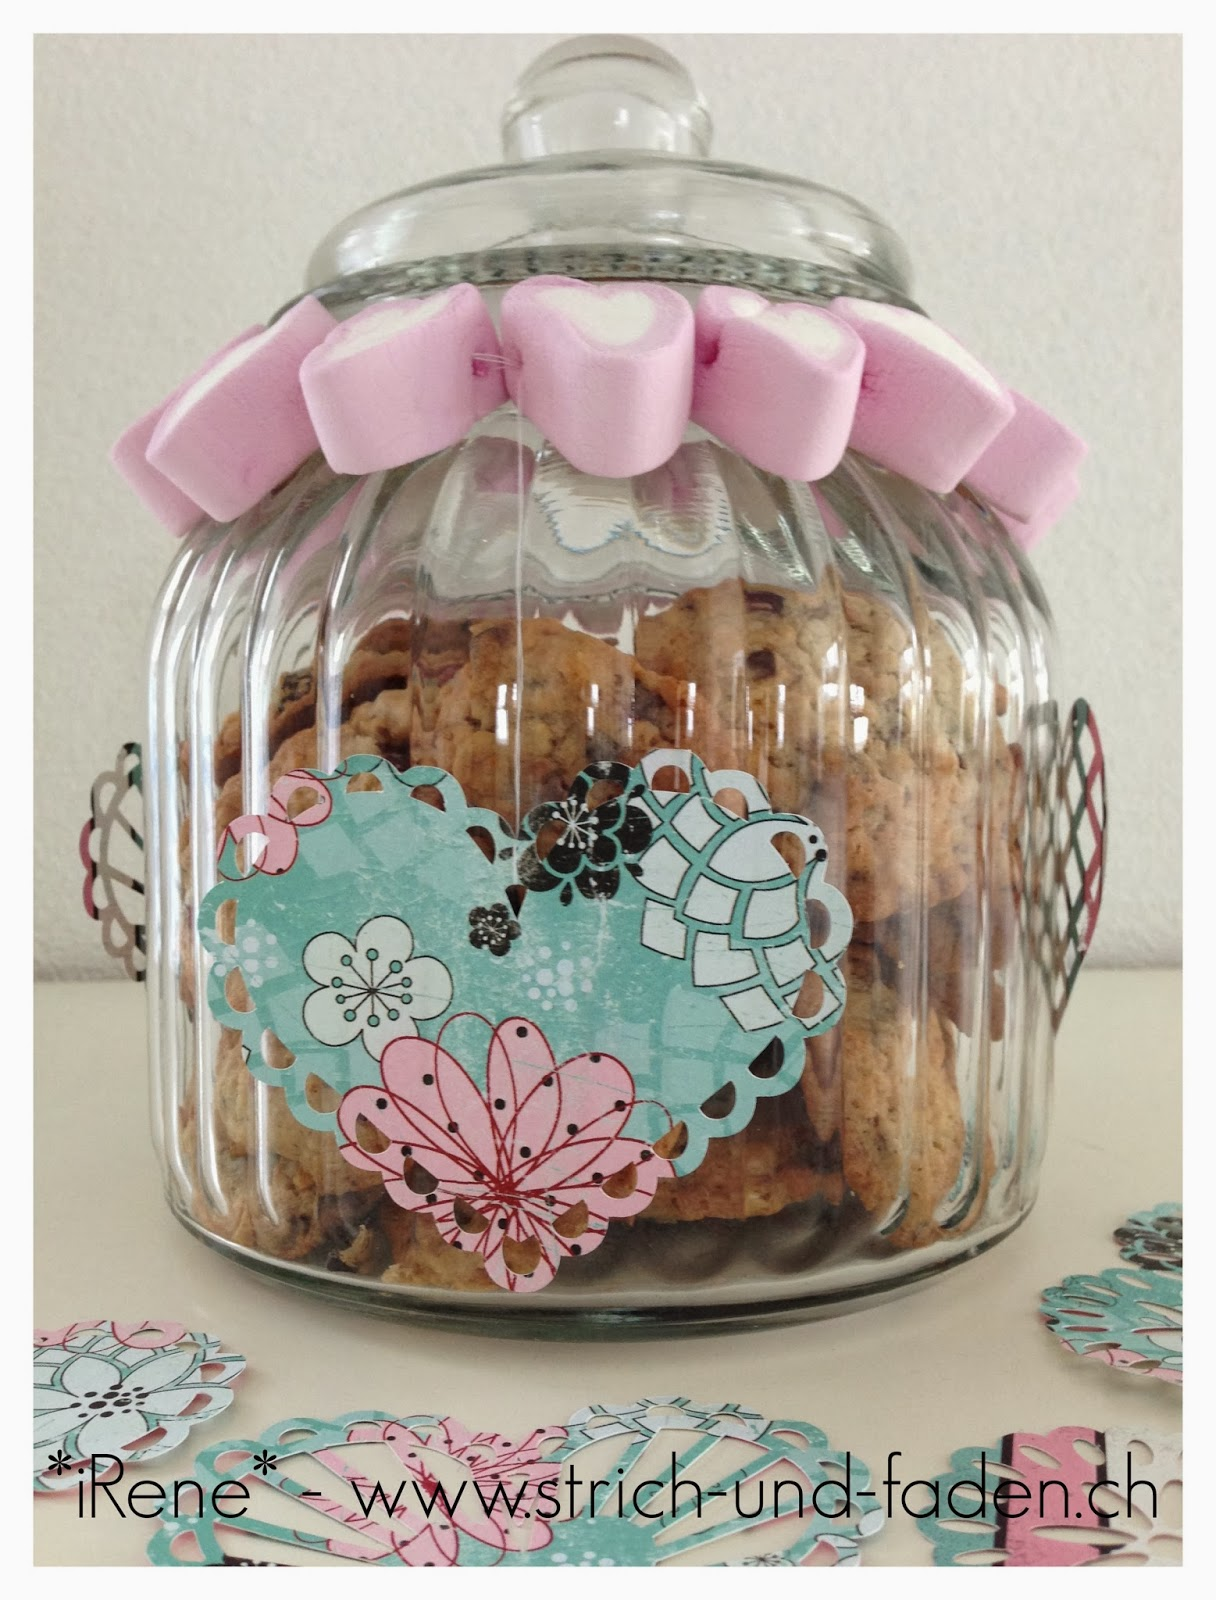 mit Strich und Faden | Cookies zum Geburtstag